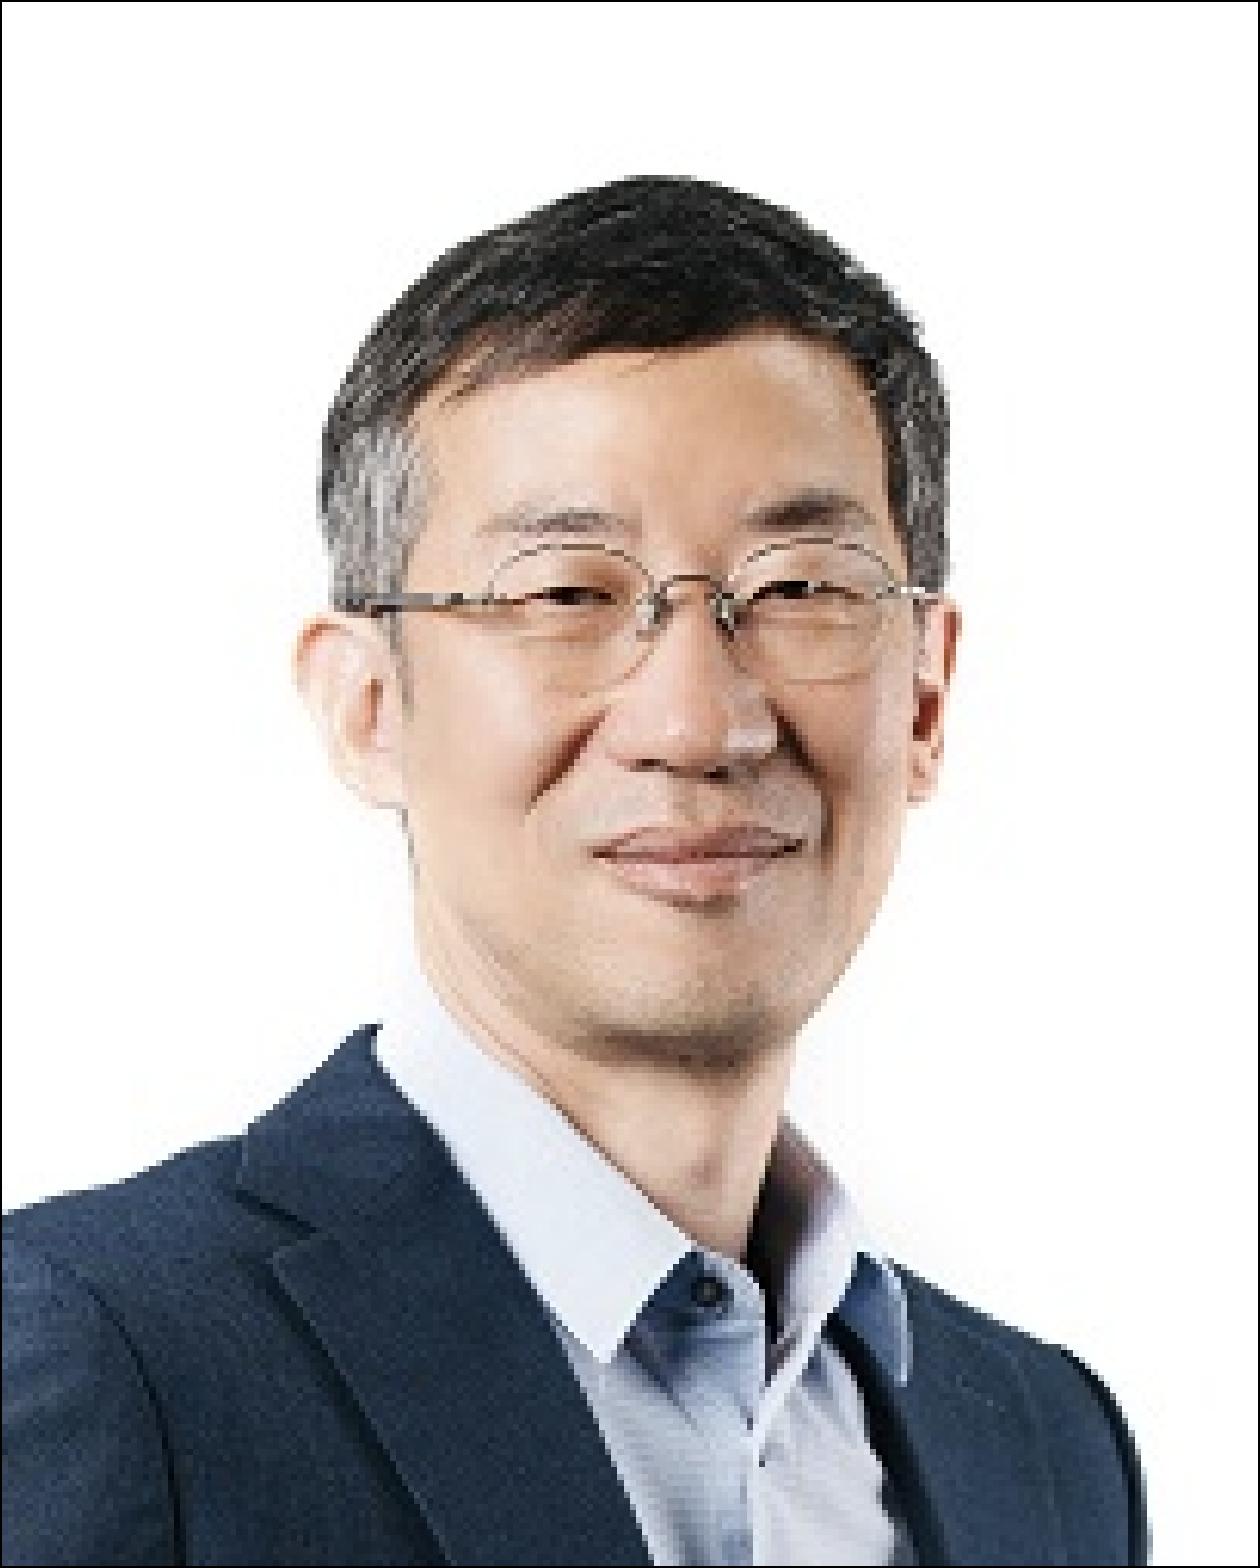 Prof. Frank Park (SNU) visited our lab